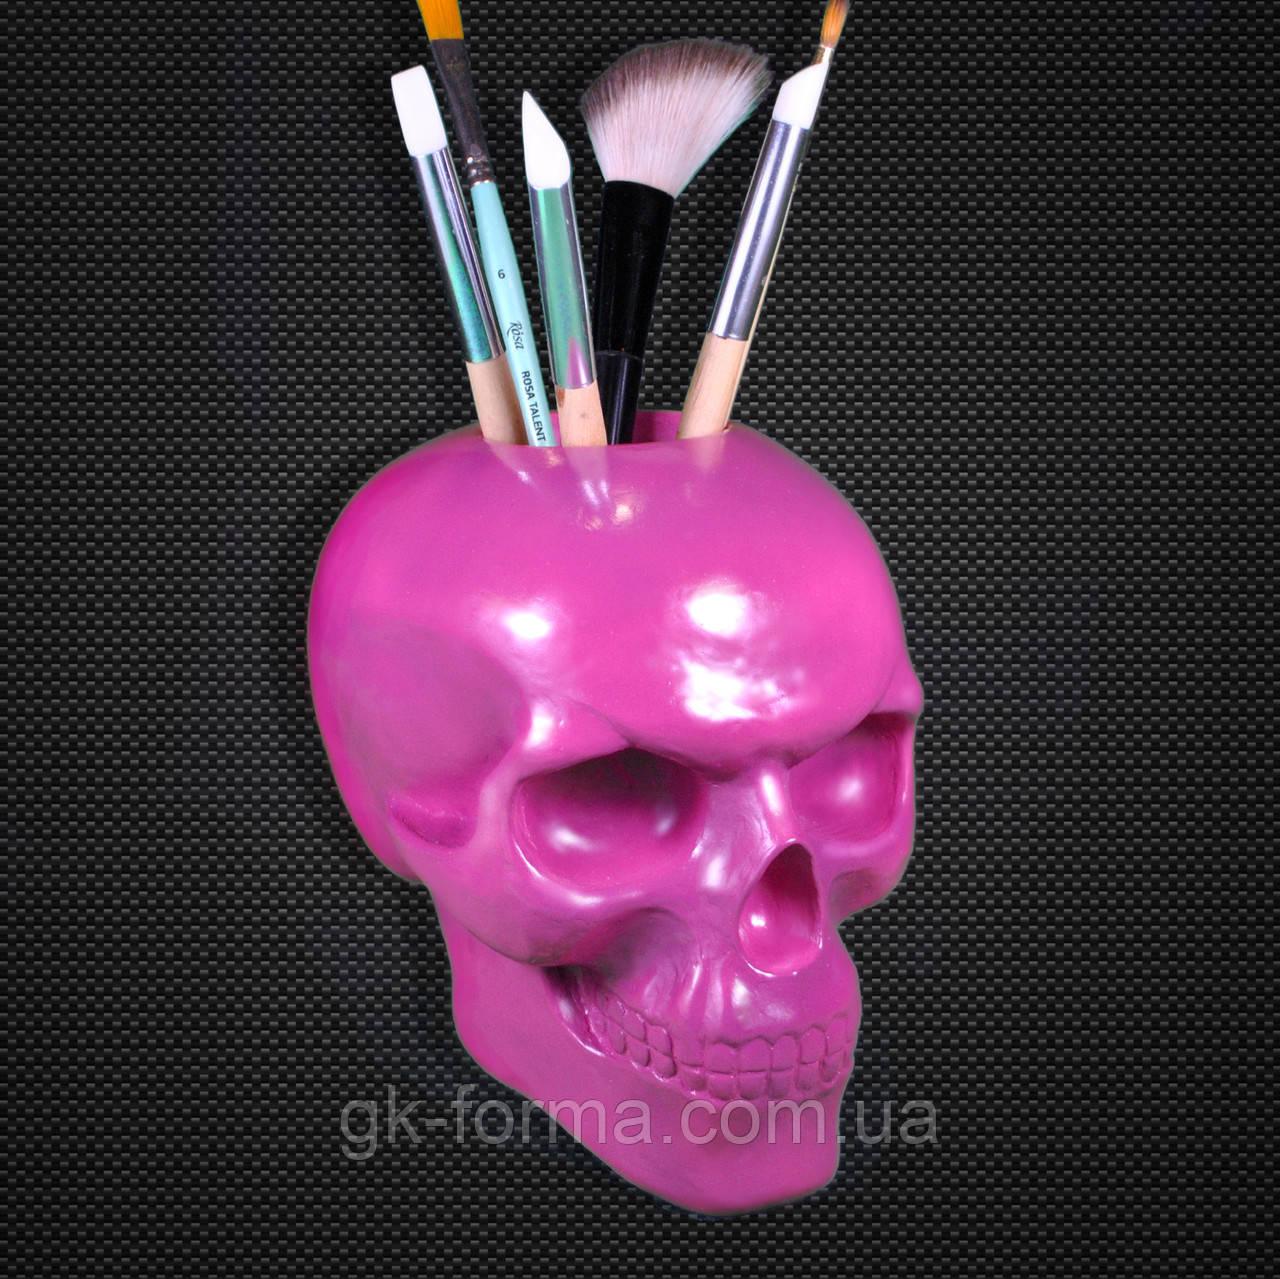 Розовый череп.Подставка для кистей и карандашей